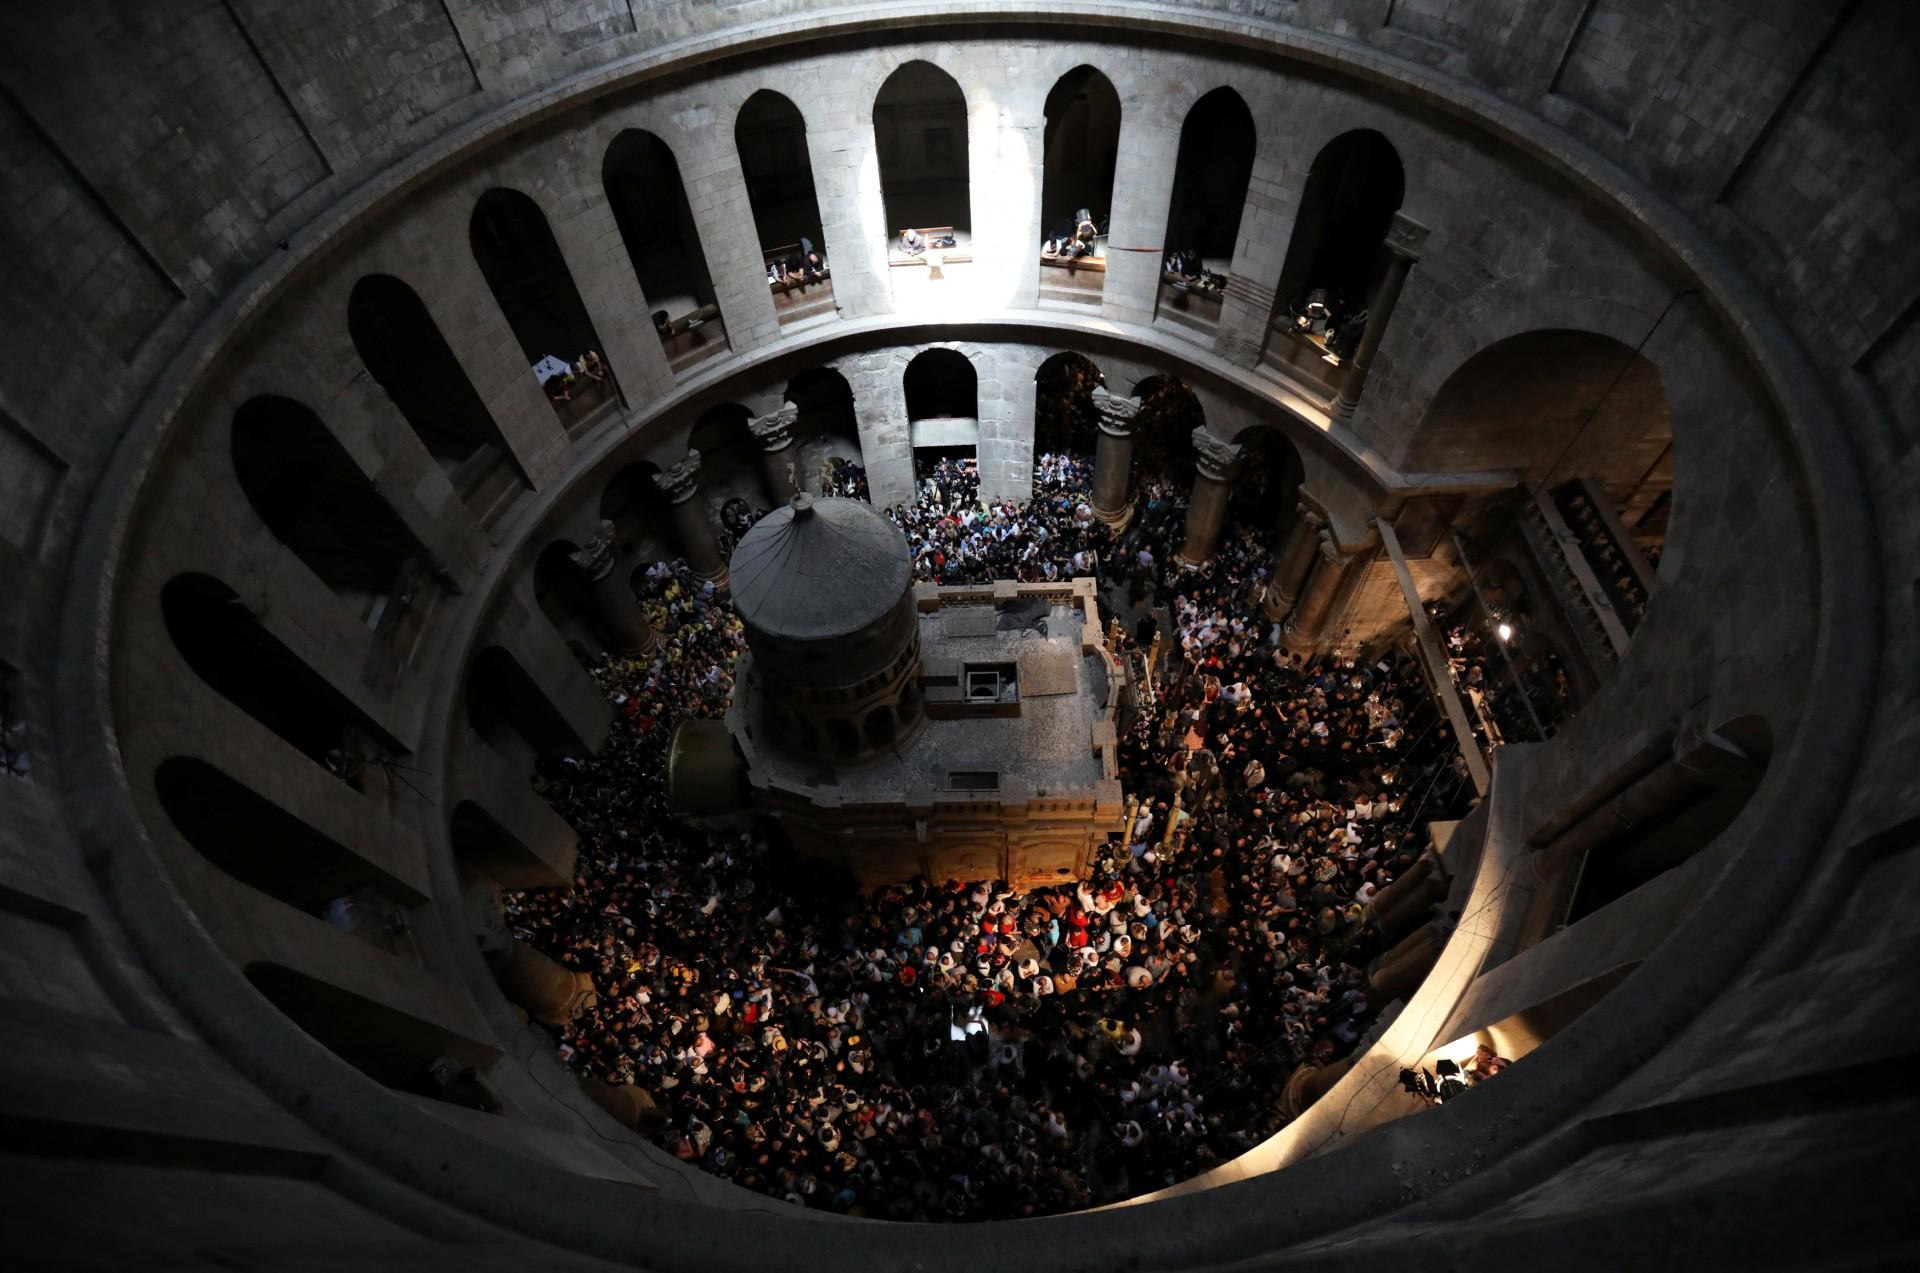 Los fieles cristianos de las denominaciones ortodoxas celebran la ceremonia del Fuego Sagrado en la Iglesia del Santo Sepulcro en la Ciudad Vieja de Jerusalén, el 7 de abril de 2018.